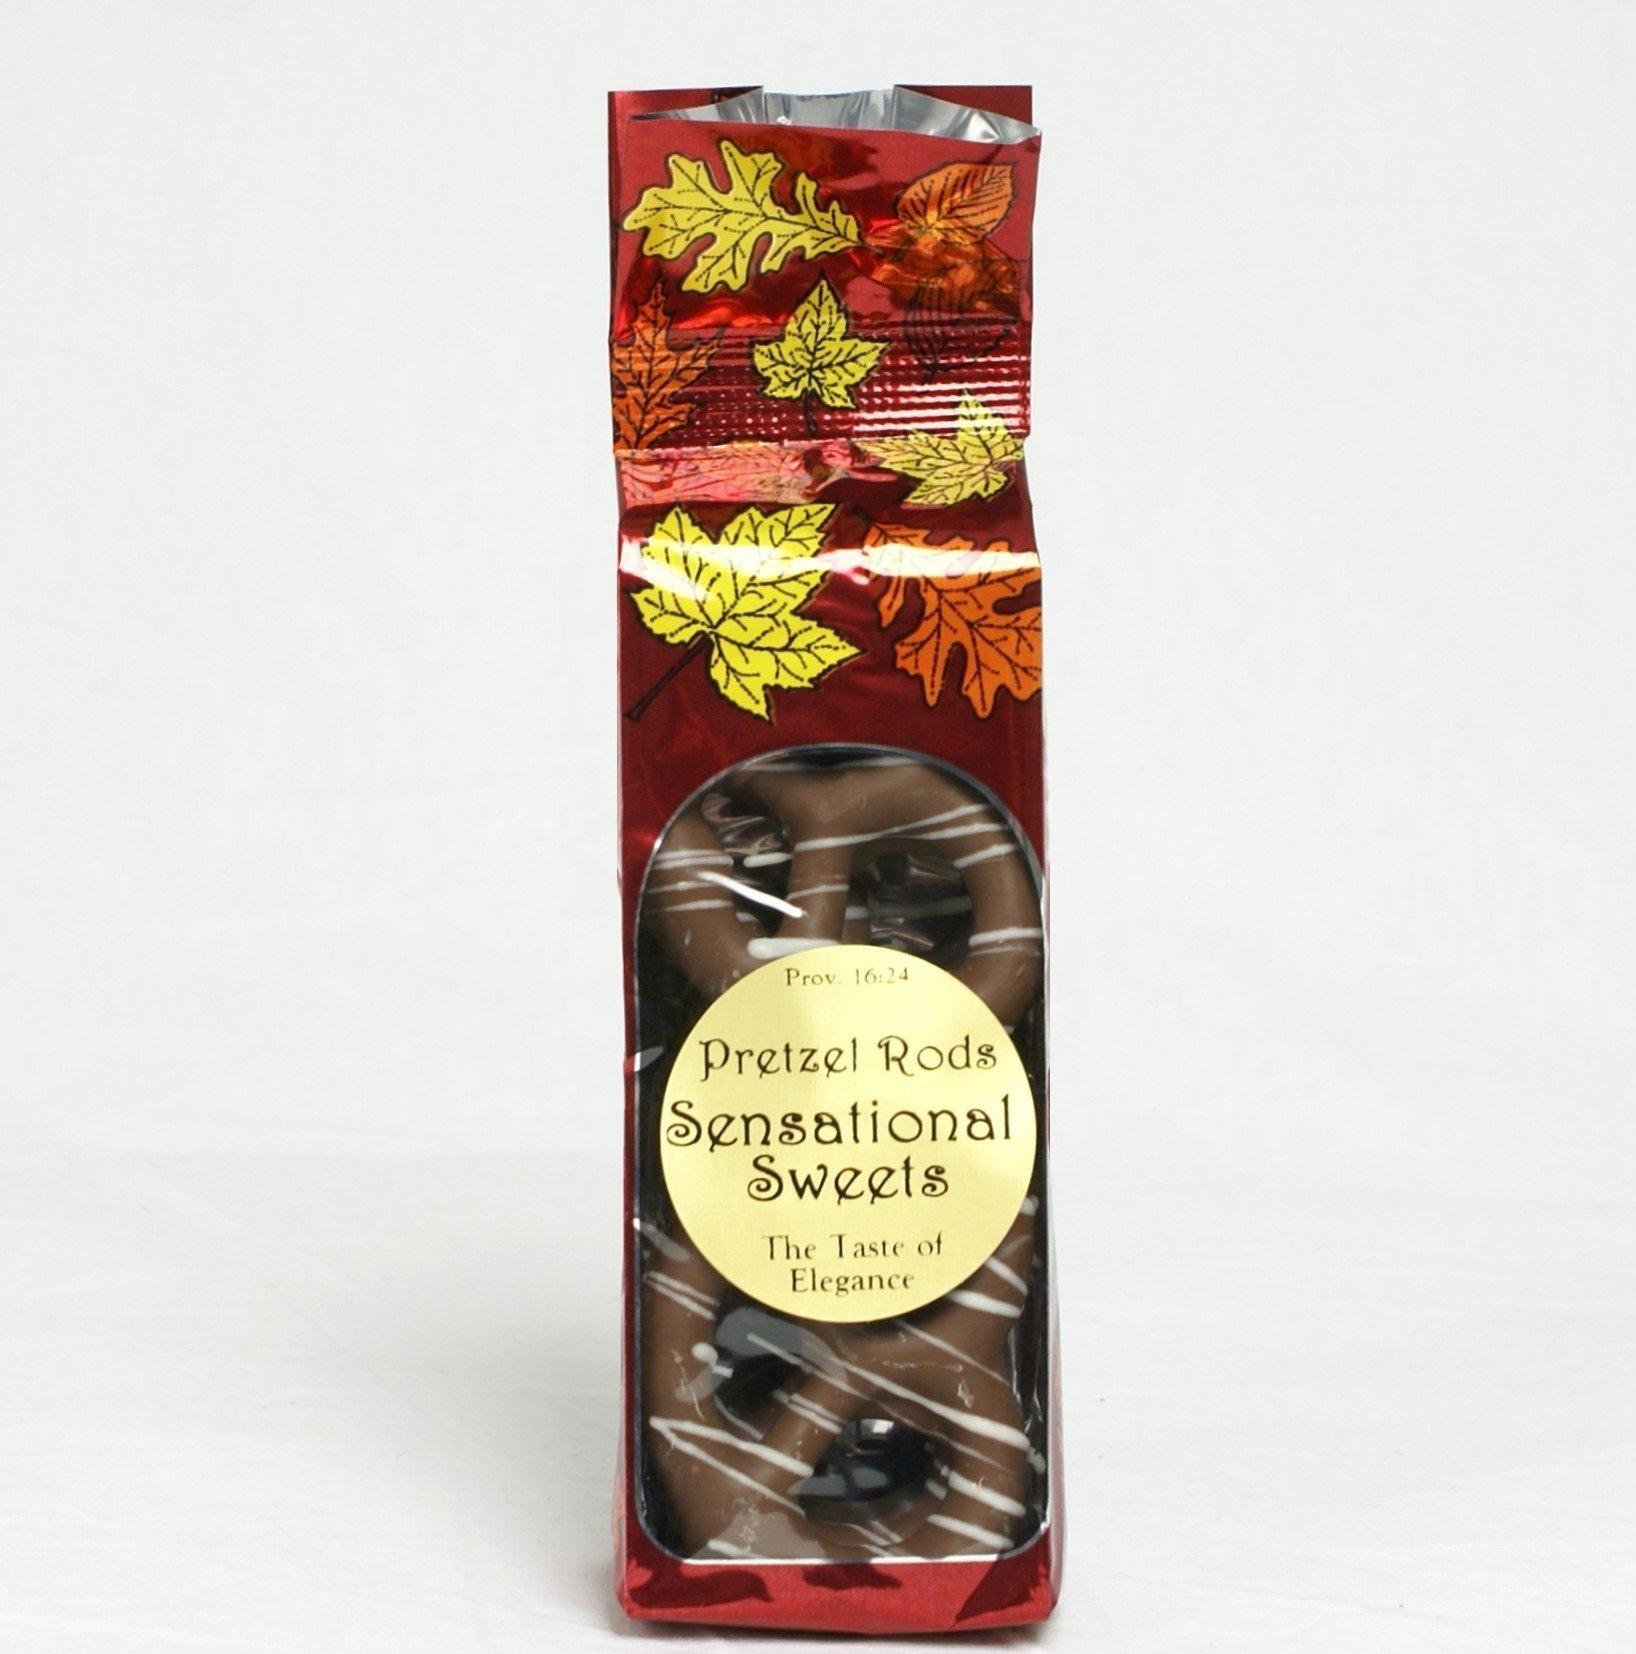 Gourmet Pretzels - Chocolate Dipped - 10 Pretzels per Bag - Fall Bag - Wholesale W-P12F